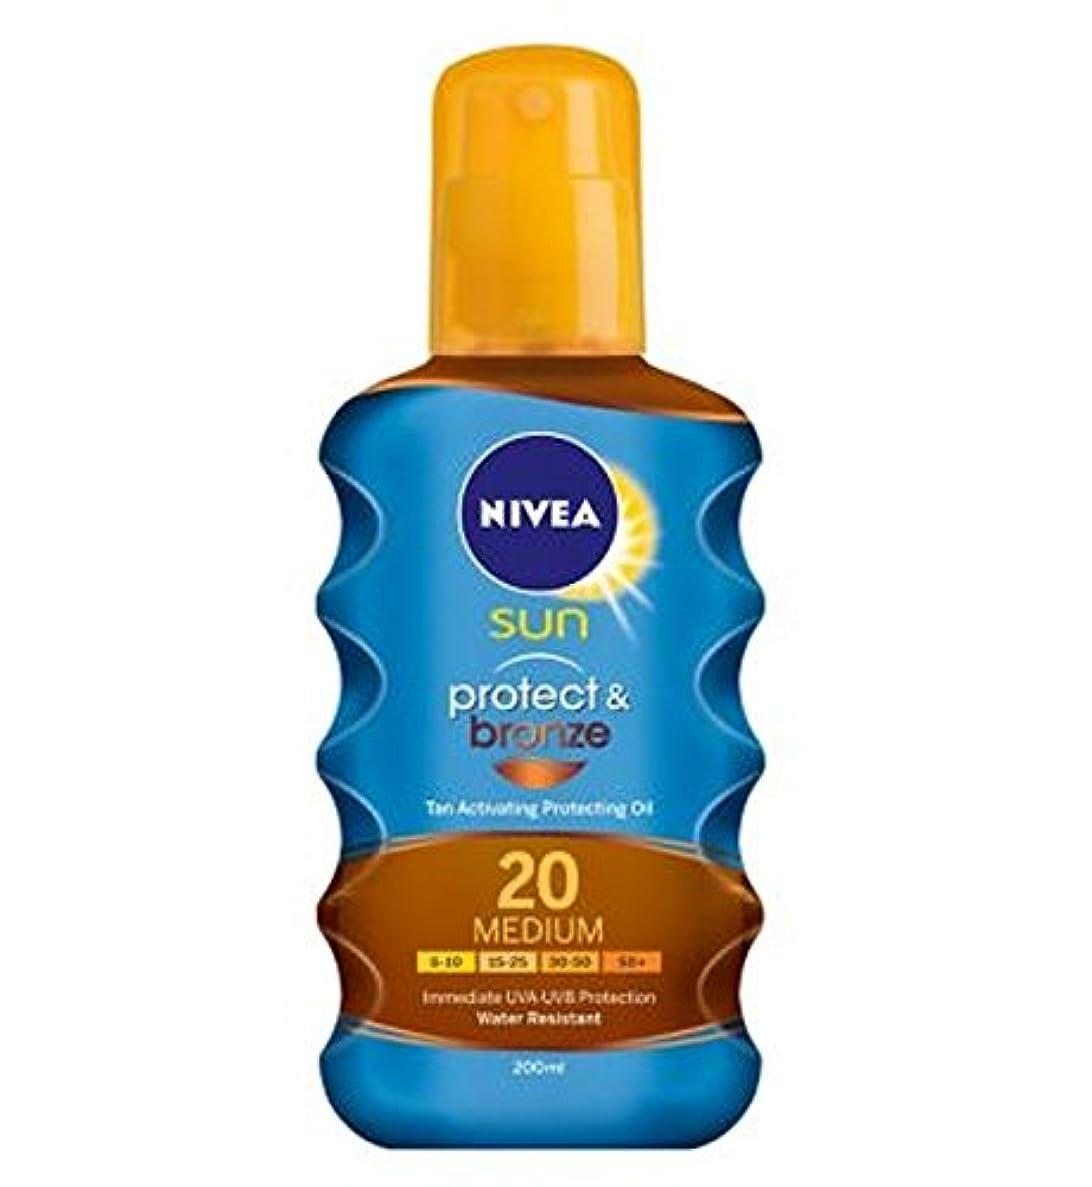 同意する咽頭半径NIVEA SUN Protect & Bronze Tan Activating Protecting Oil 20 Medium 200ml - ニベアの日は、油媒体20 200ミリリットルを保護する日焼け活性化を保護&ブロンズ (Nivea) [並行輸入品]